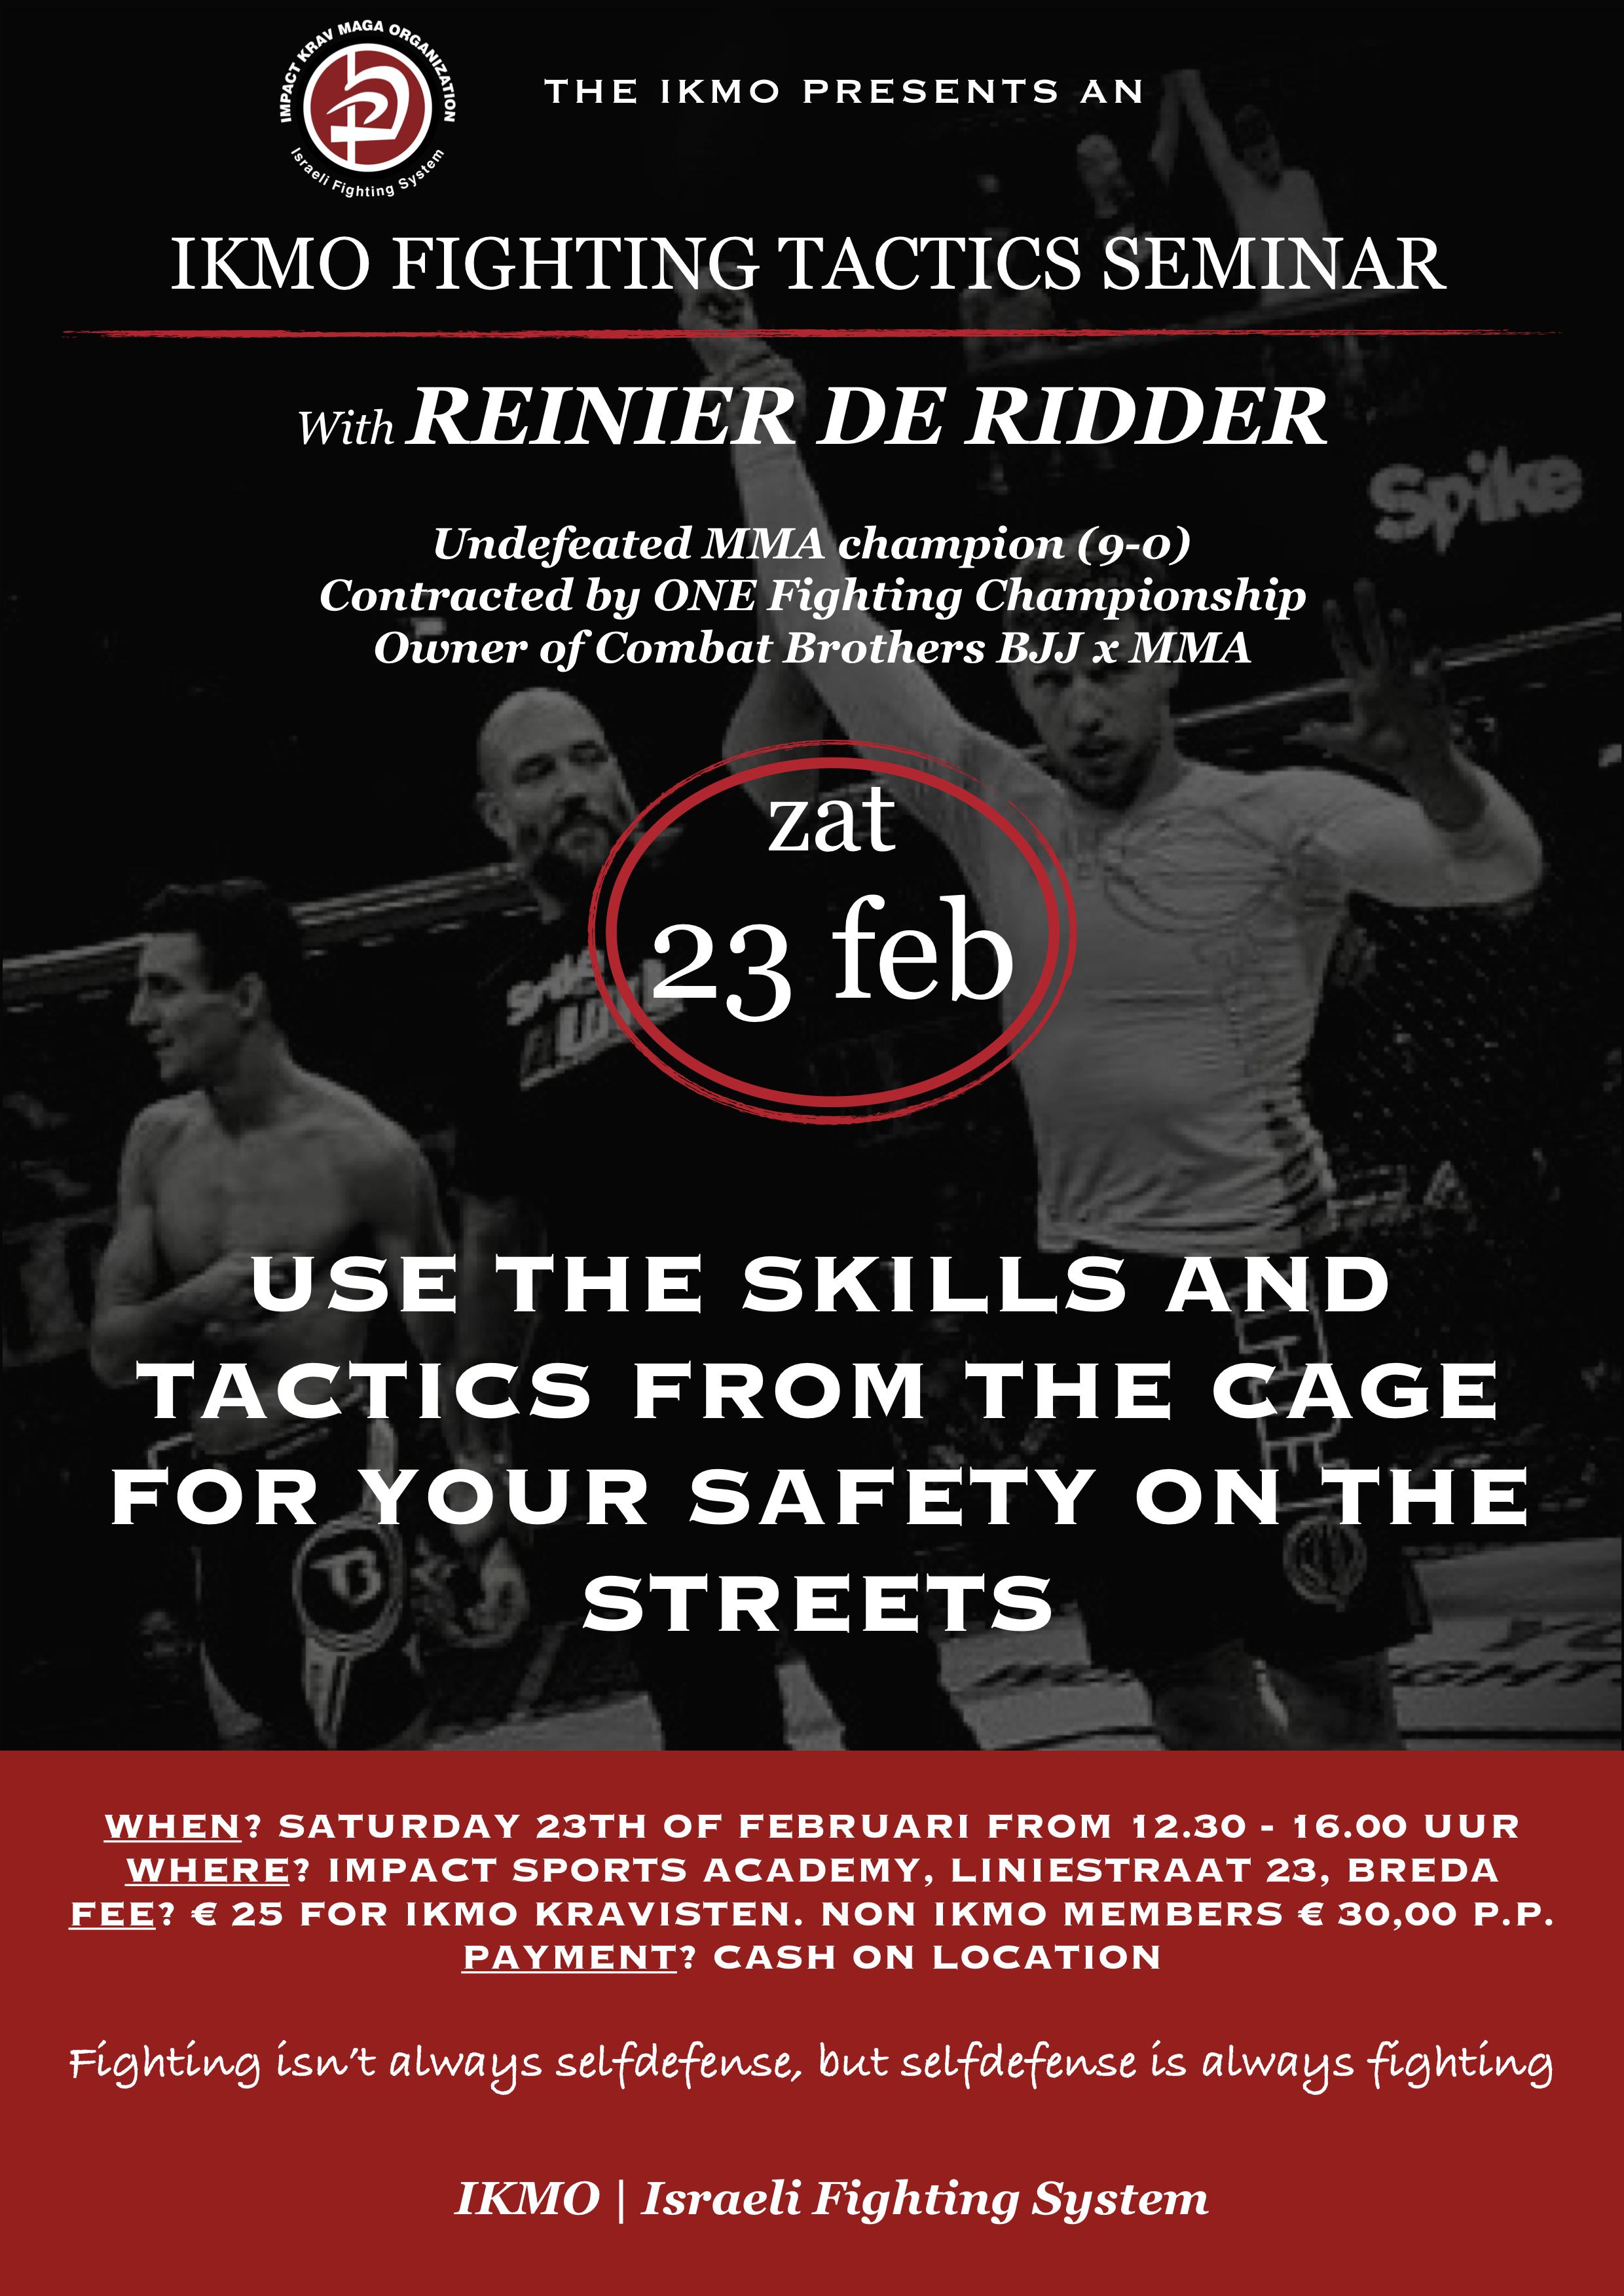 IKMO fighting tactics seminar MMA Reinier de Ridder